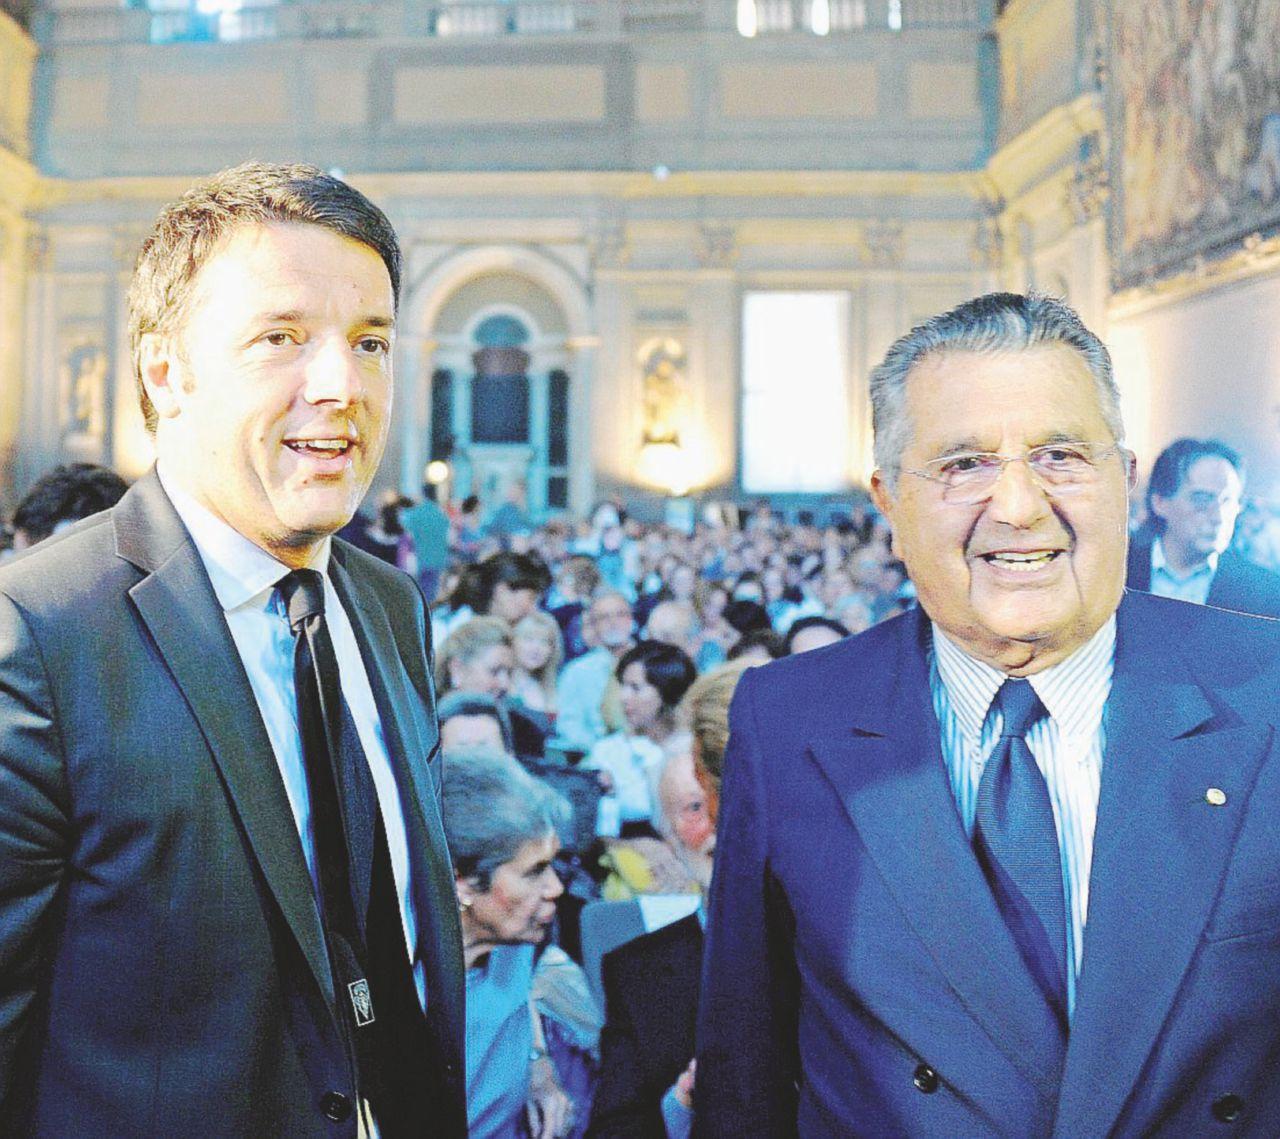 Inchiesta su banche popolari, la Procura di Roma chiede l'archiviazione